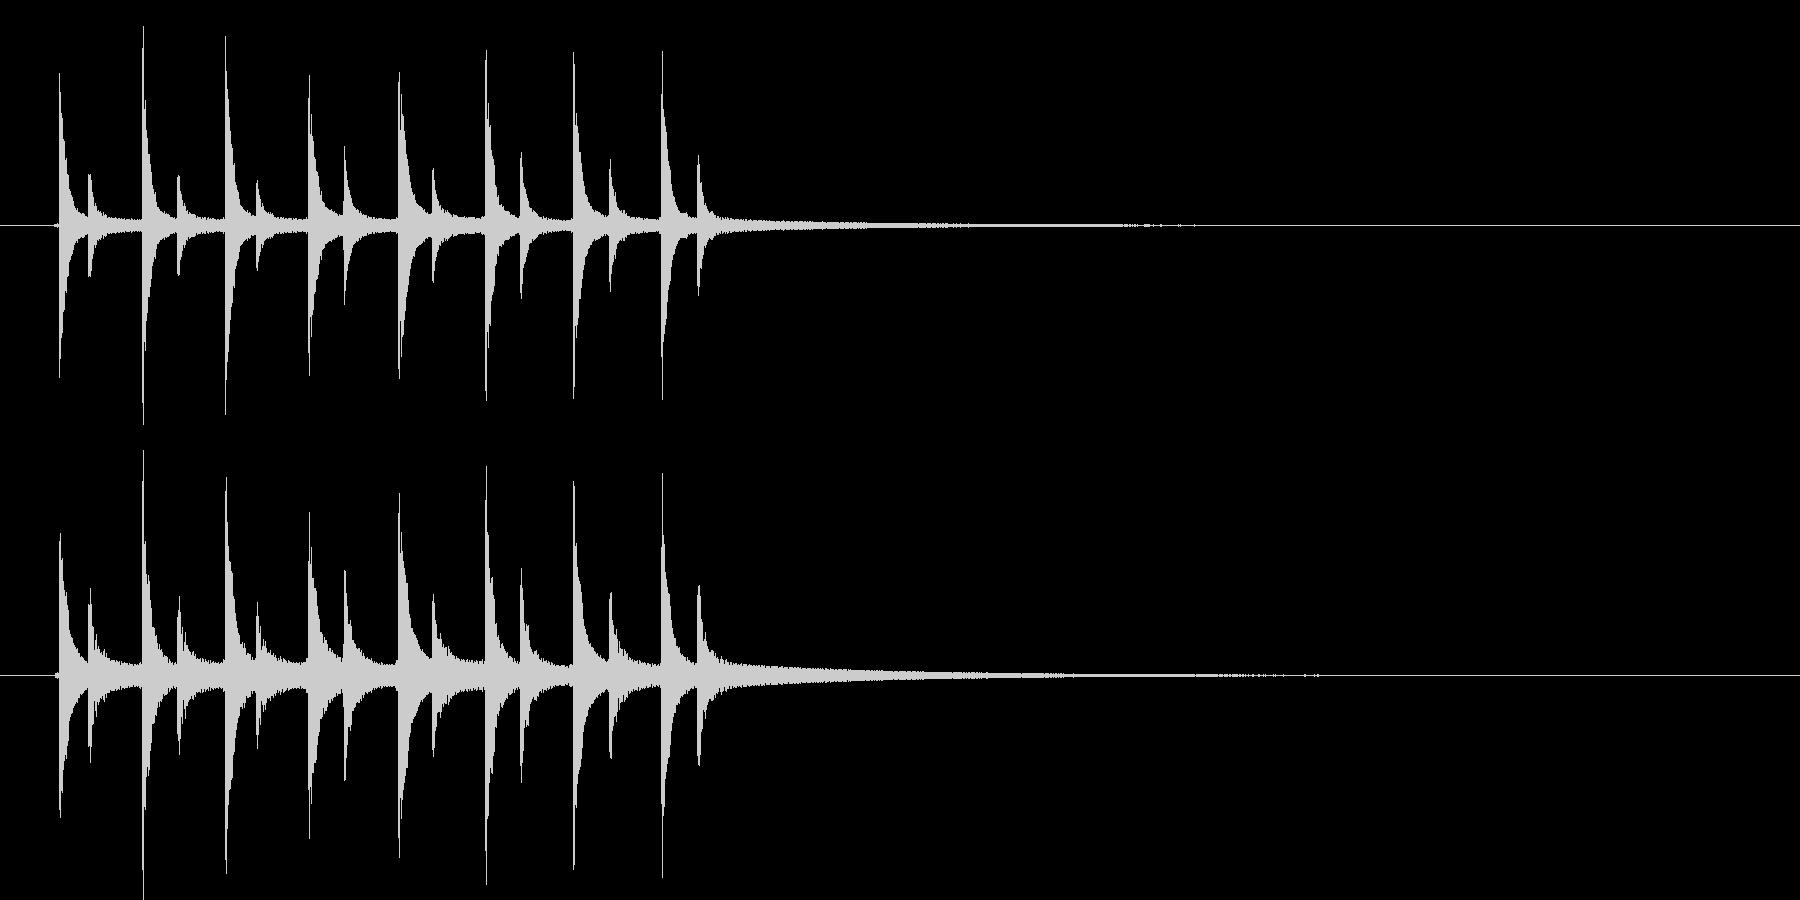 ピンポンピンポンピンポン!の未再生の波形